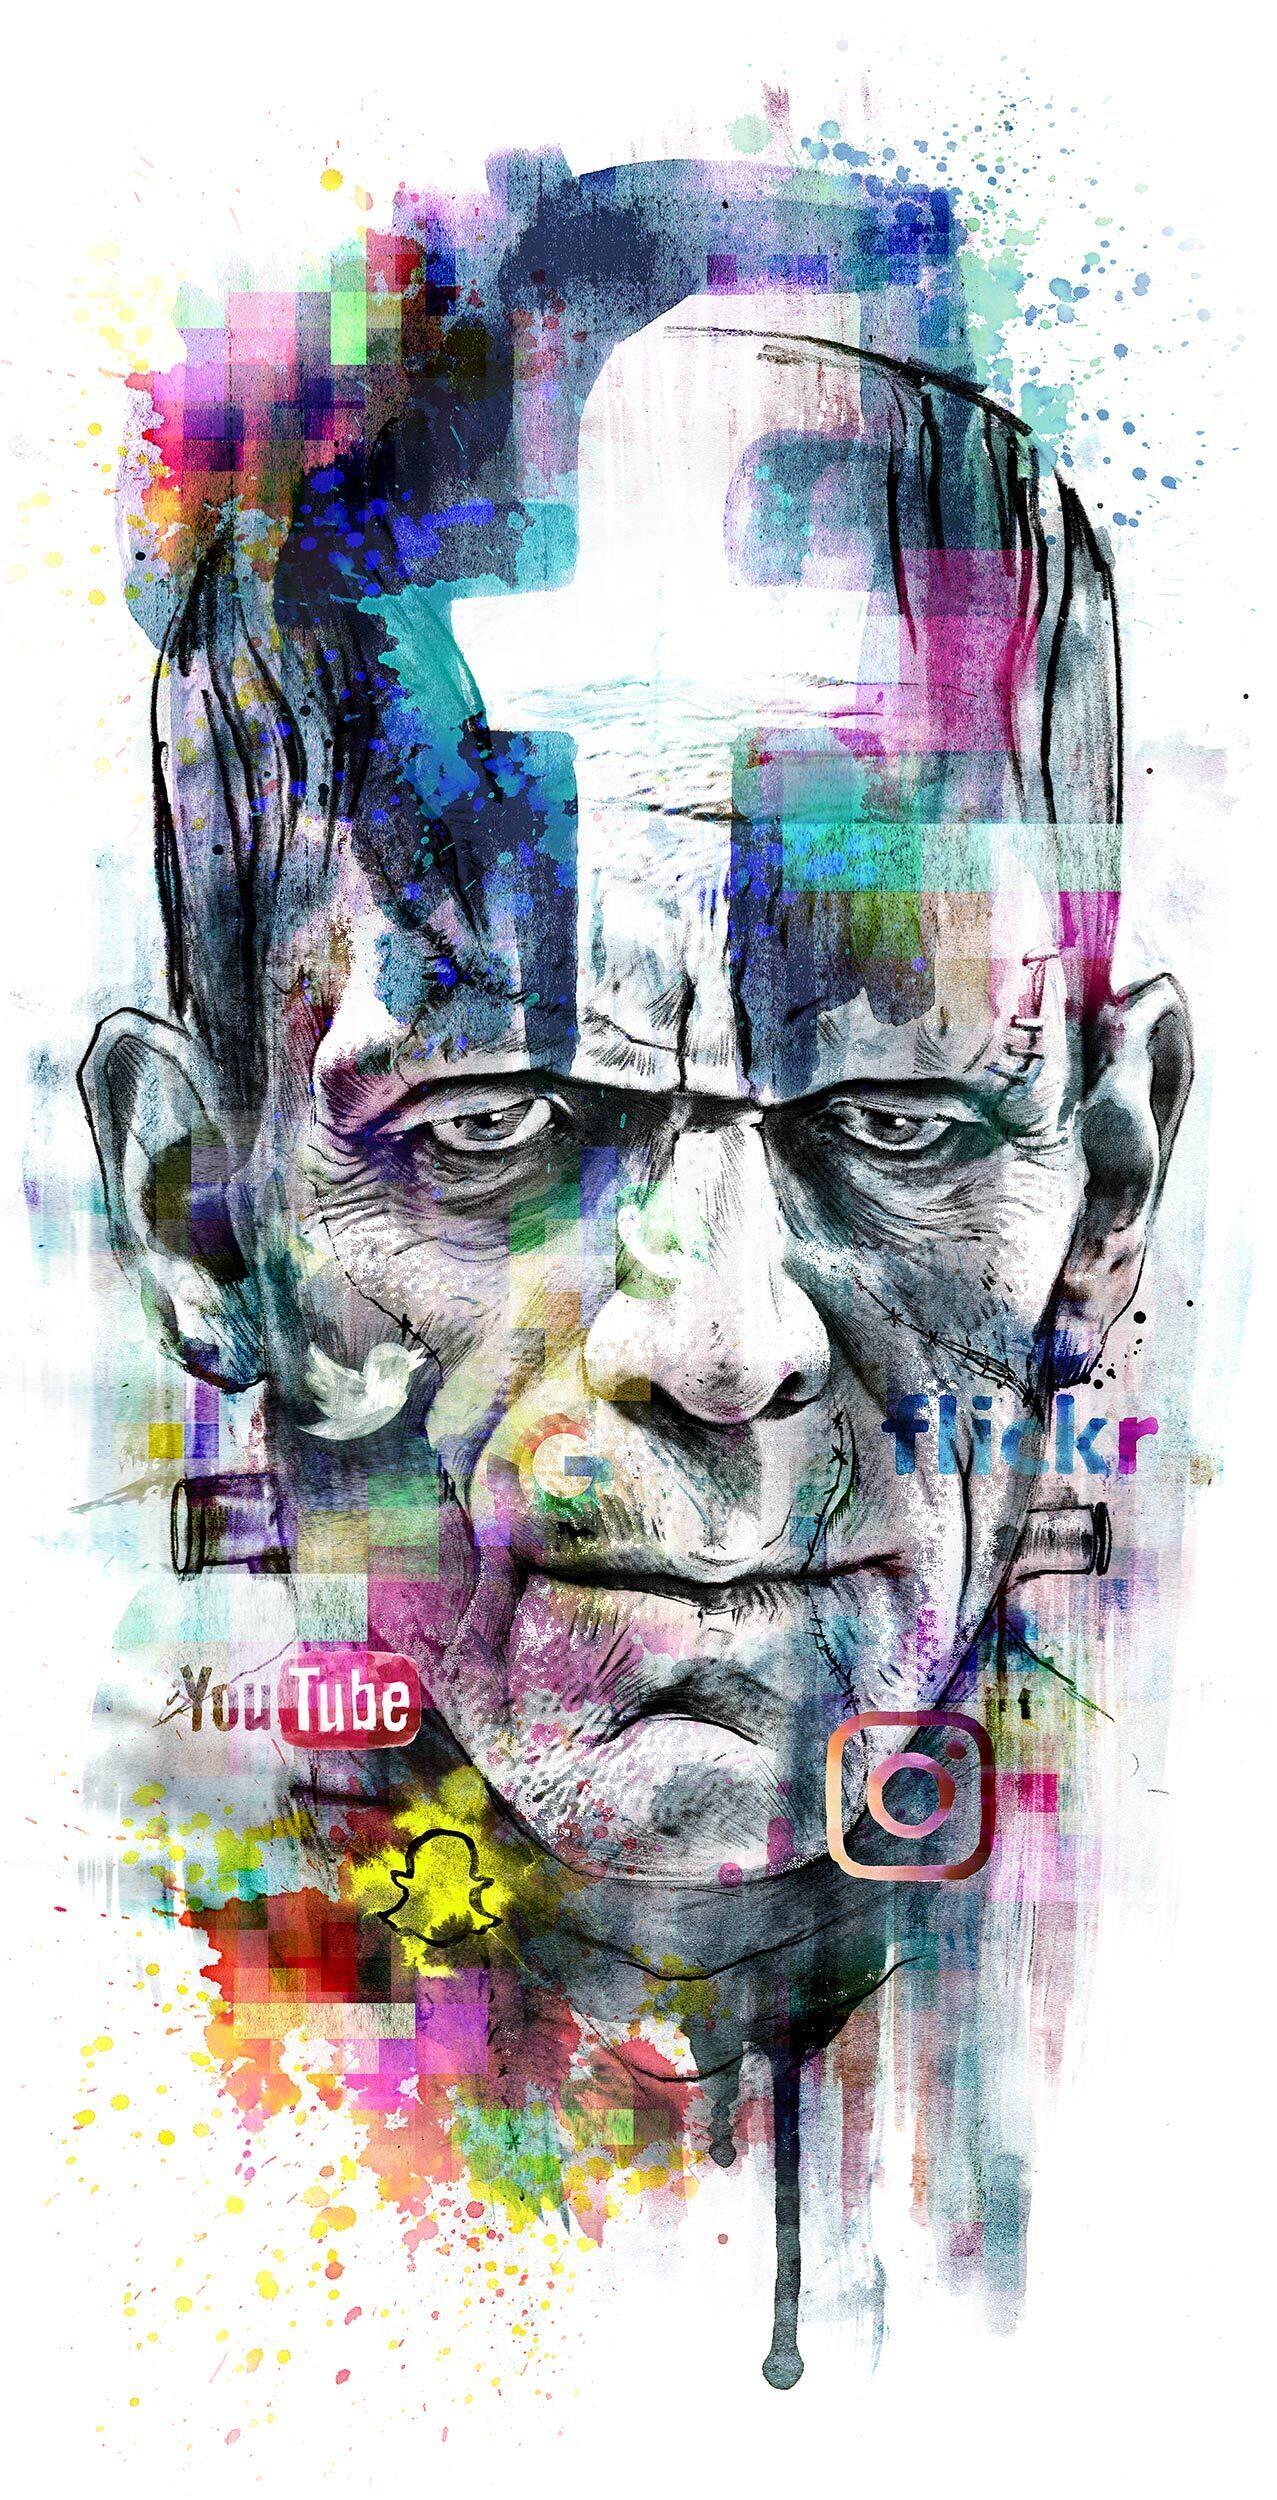 Frankenstein digital monster social network illustration artwork - Kornel Illustration | Kornel Stadler portfolio